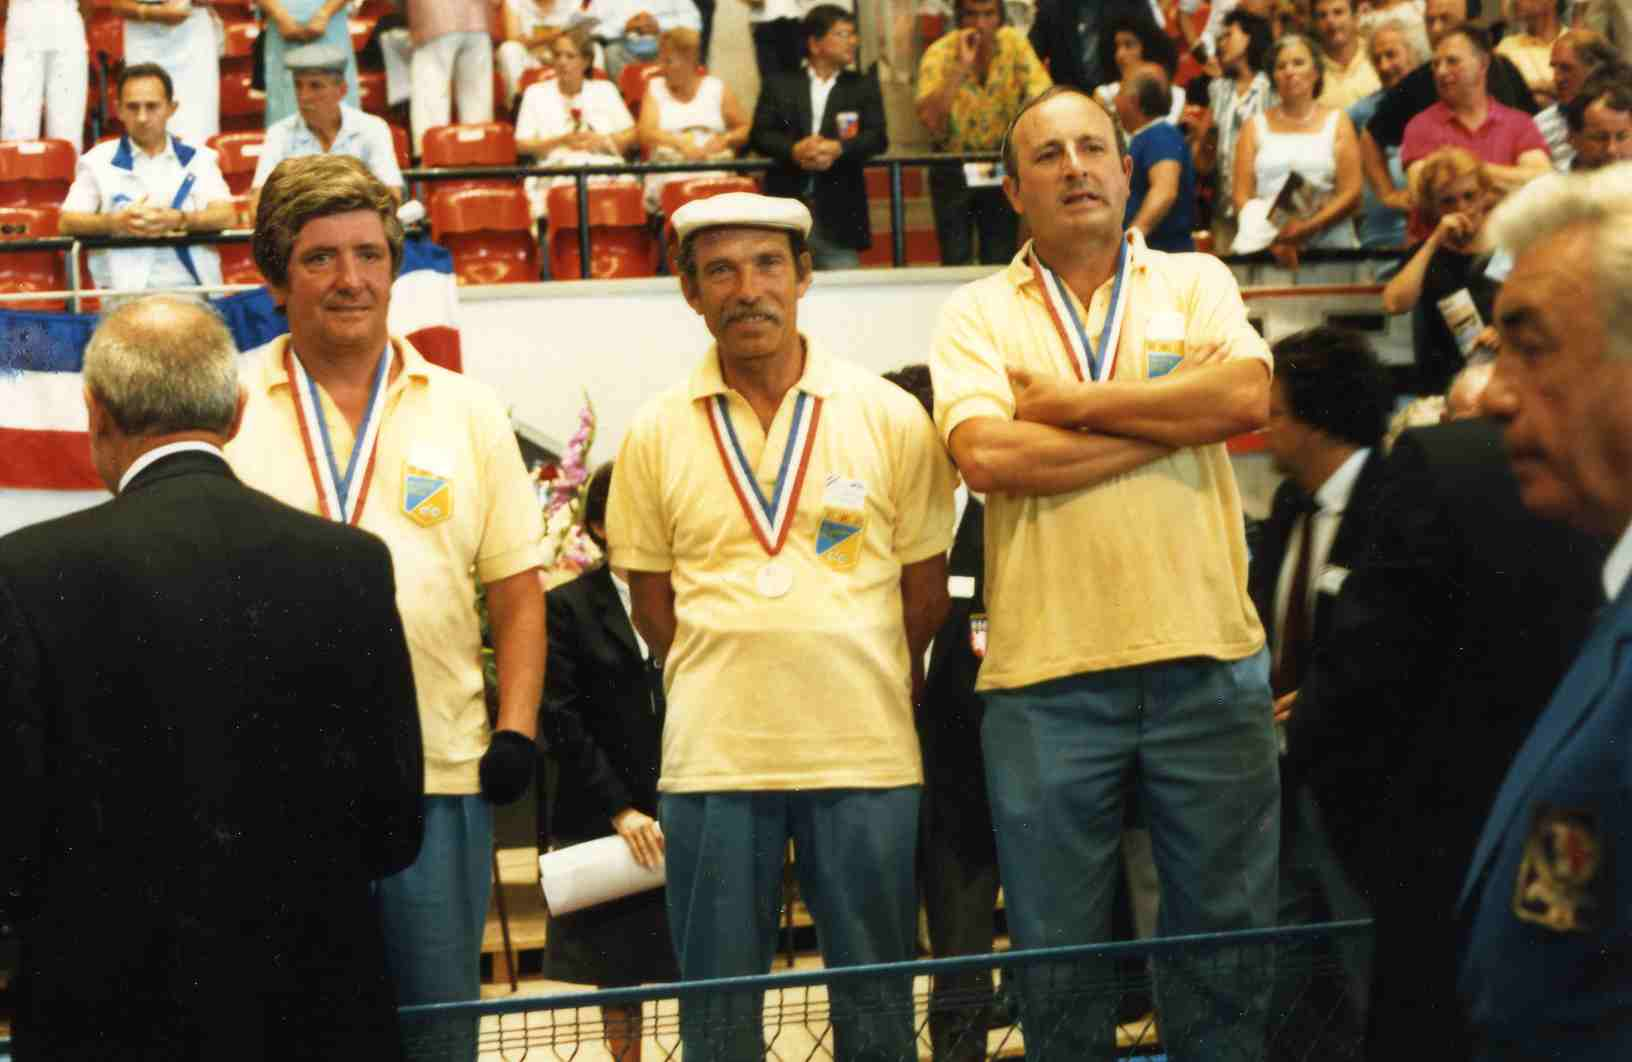 Le podium du championnat de France 1987